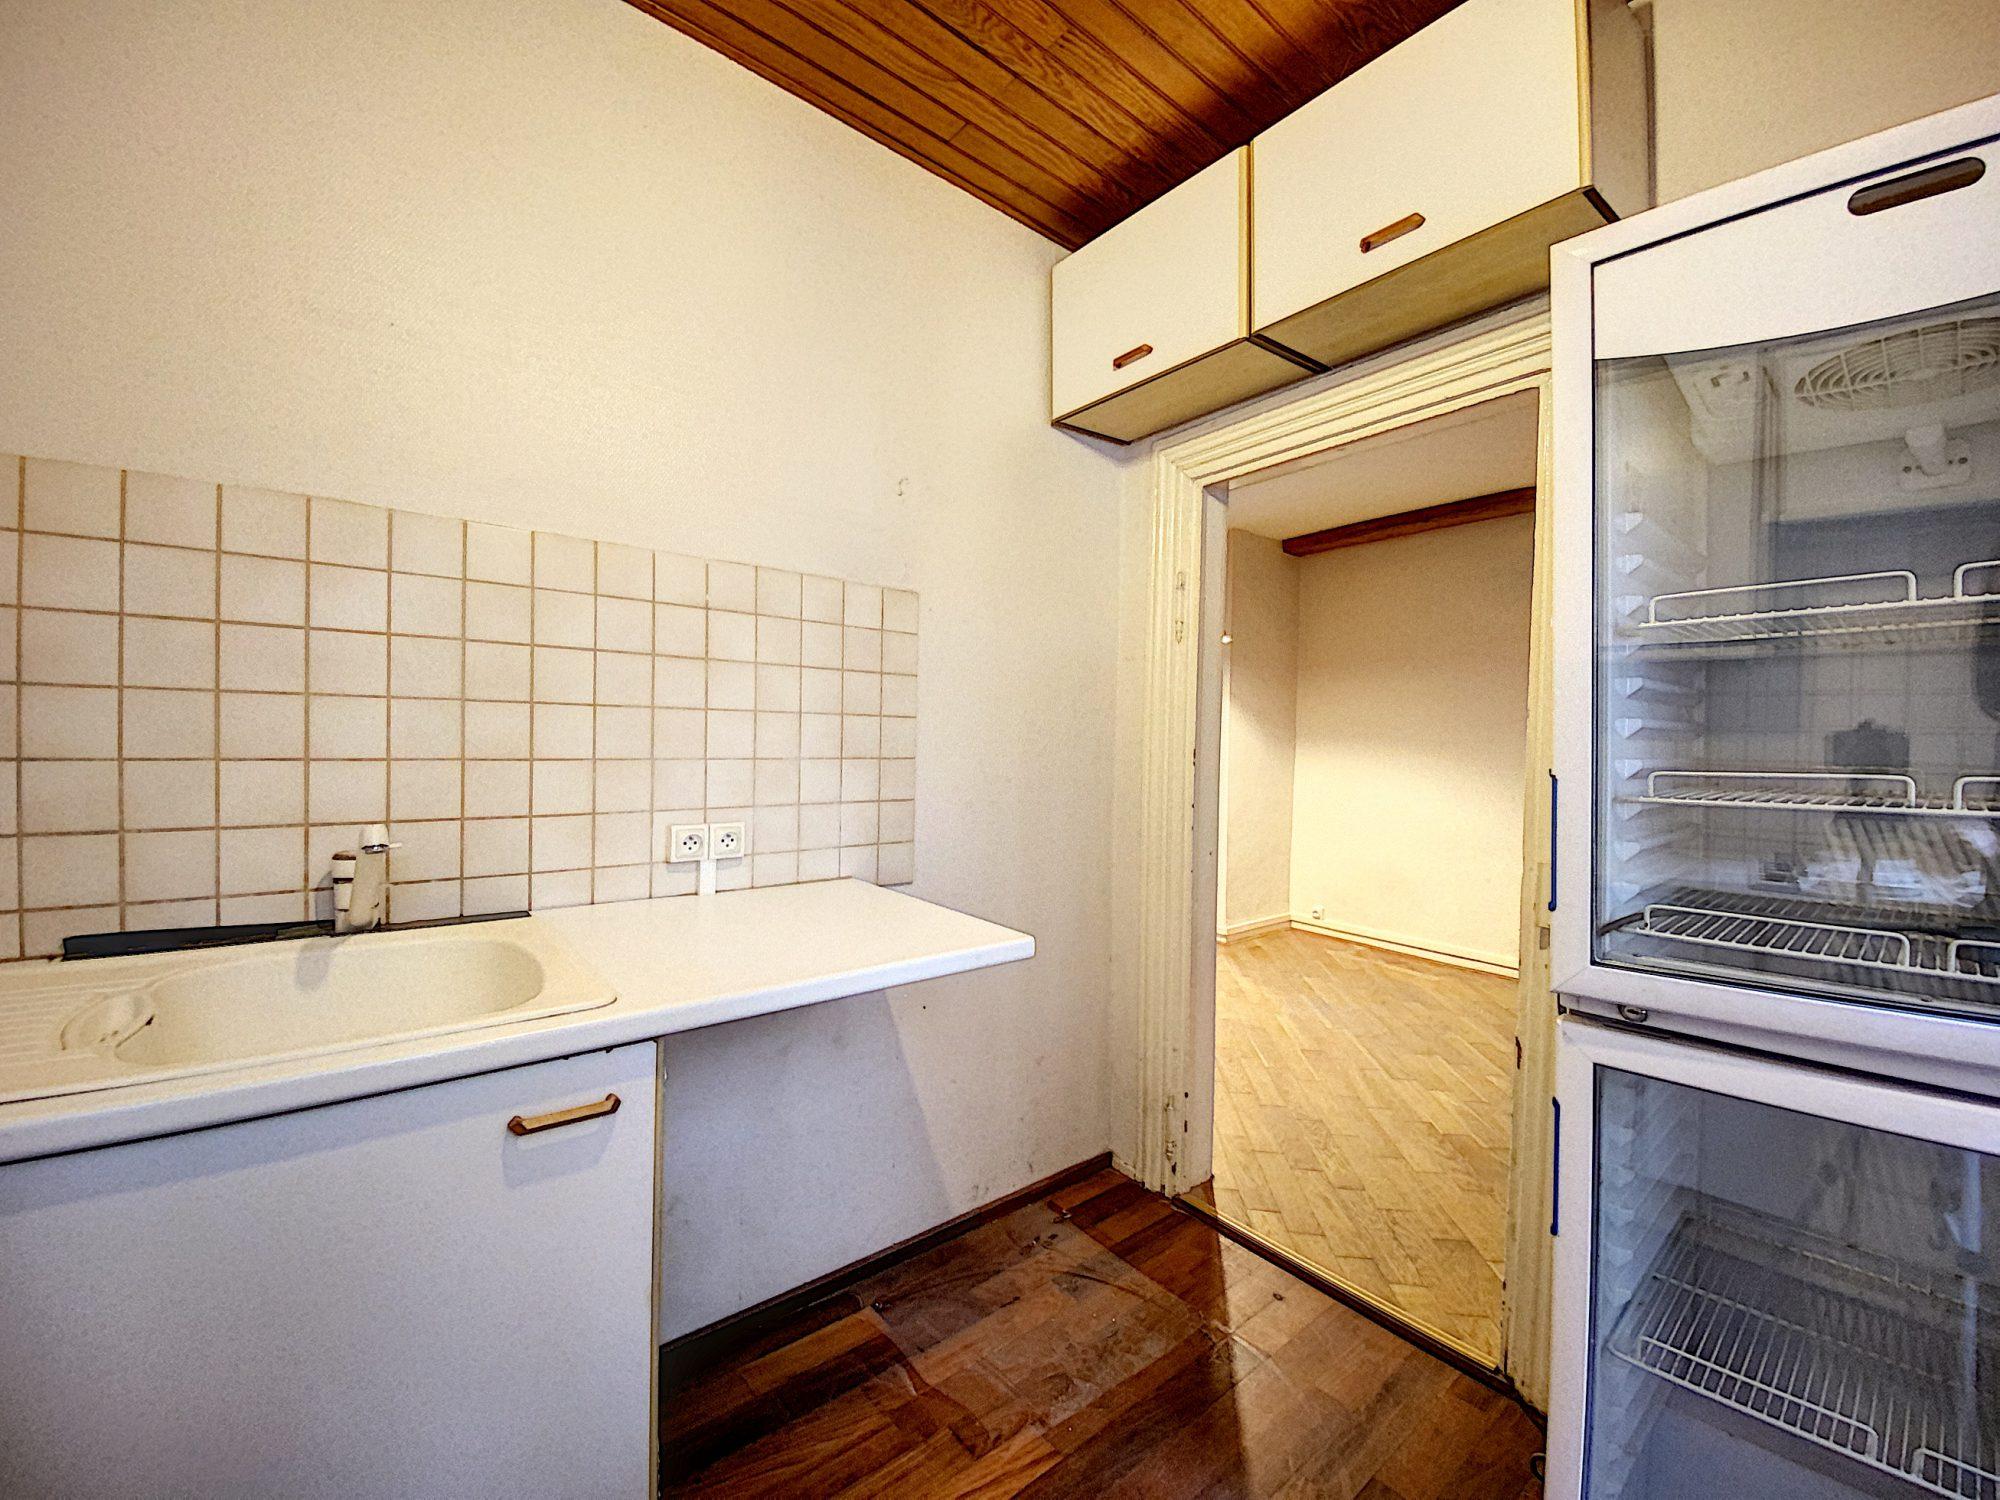 T2 PETITE FRANCE - Devenez locataire en toute sérénité - Bintz Immobilier - 11